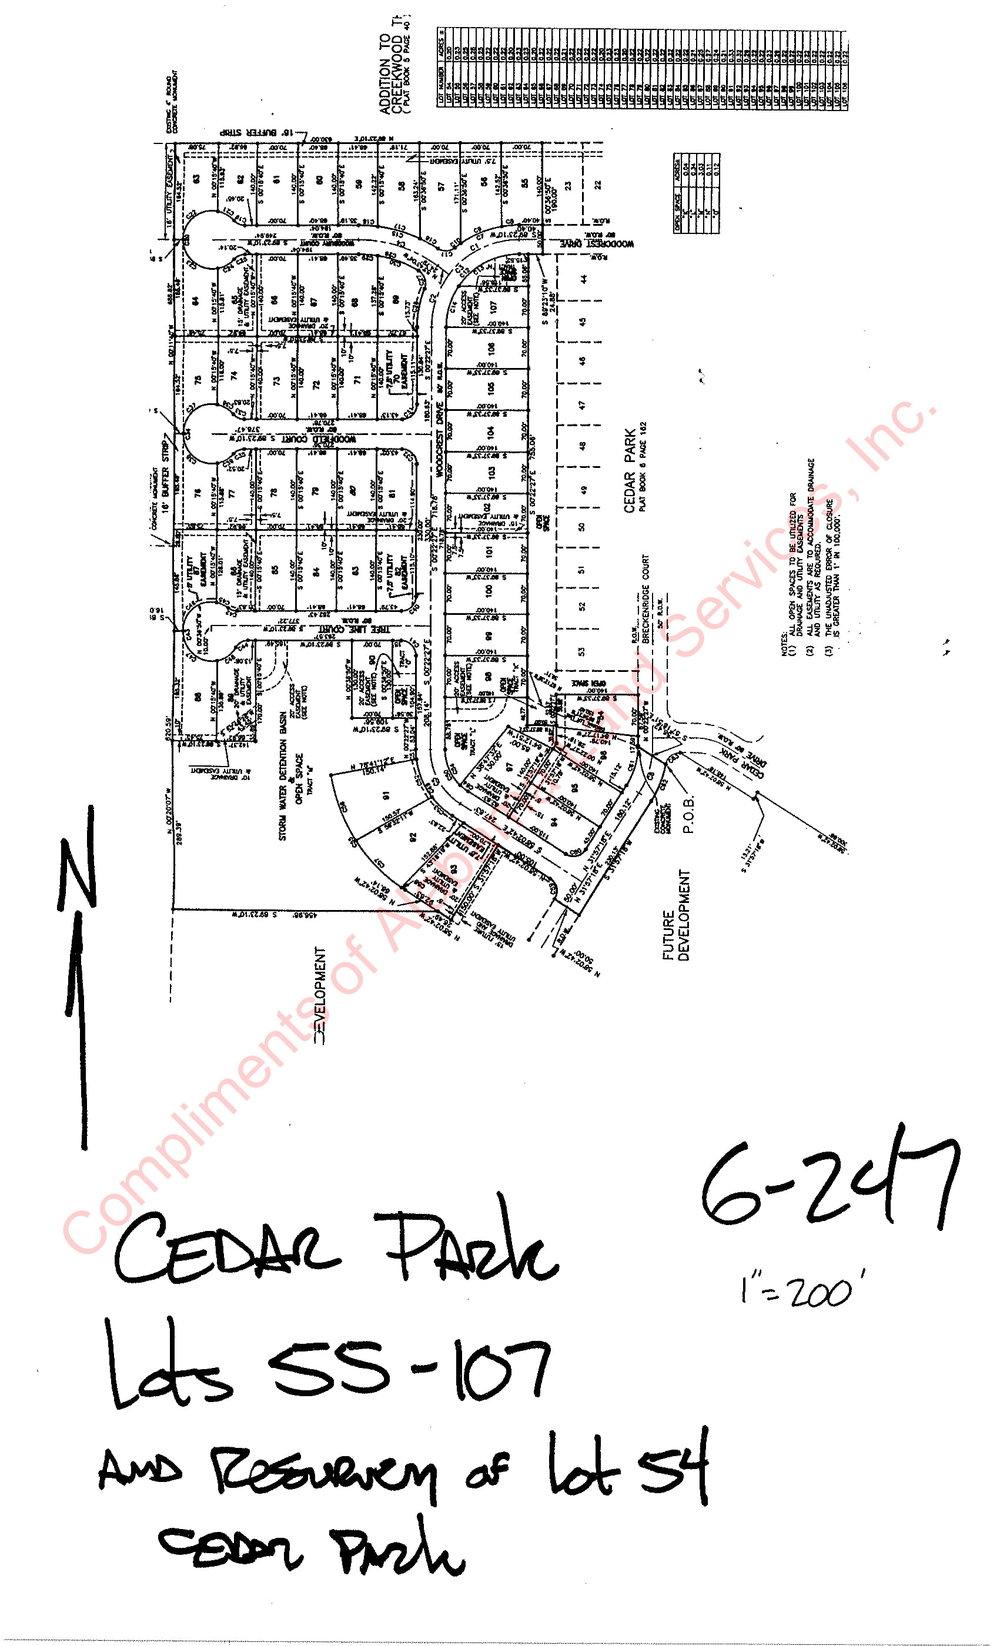 Cedar Park plat-1.jpg